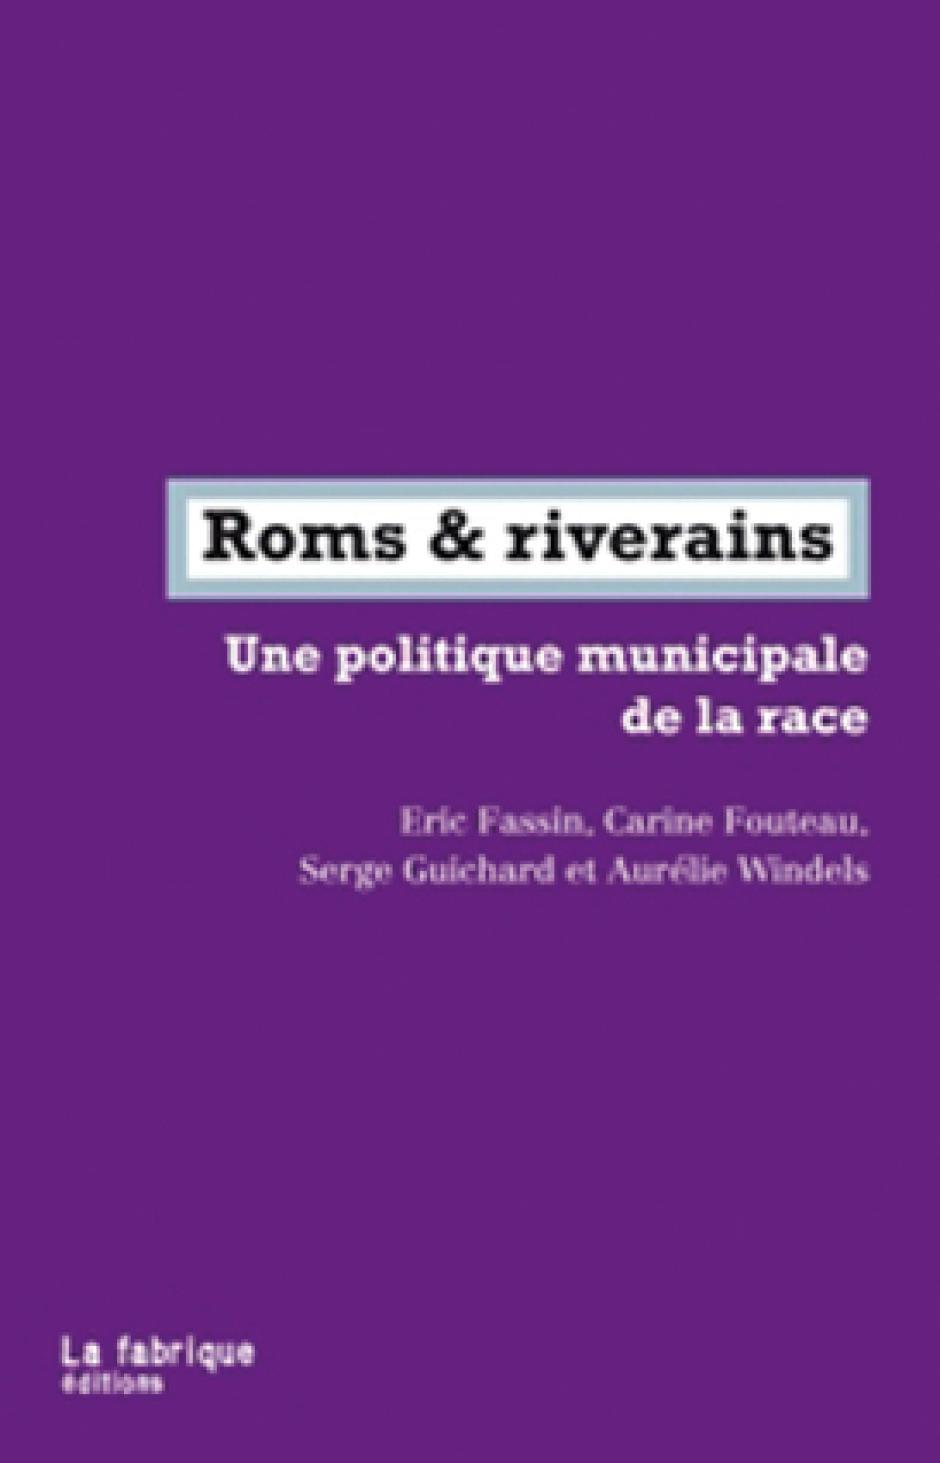 Roms et riverains. Une politique municipale de la race, Éric Fassin, Carine Fouteau, Serge Guichard, Aurélie Windels